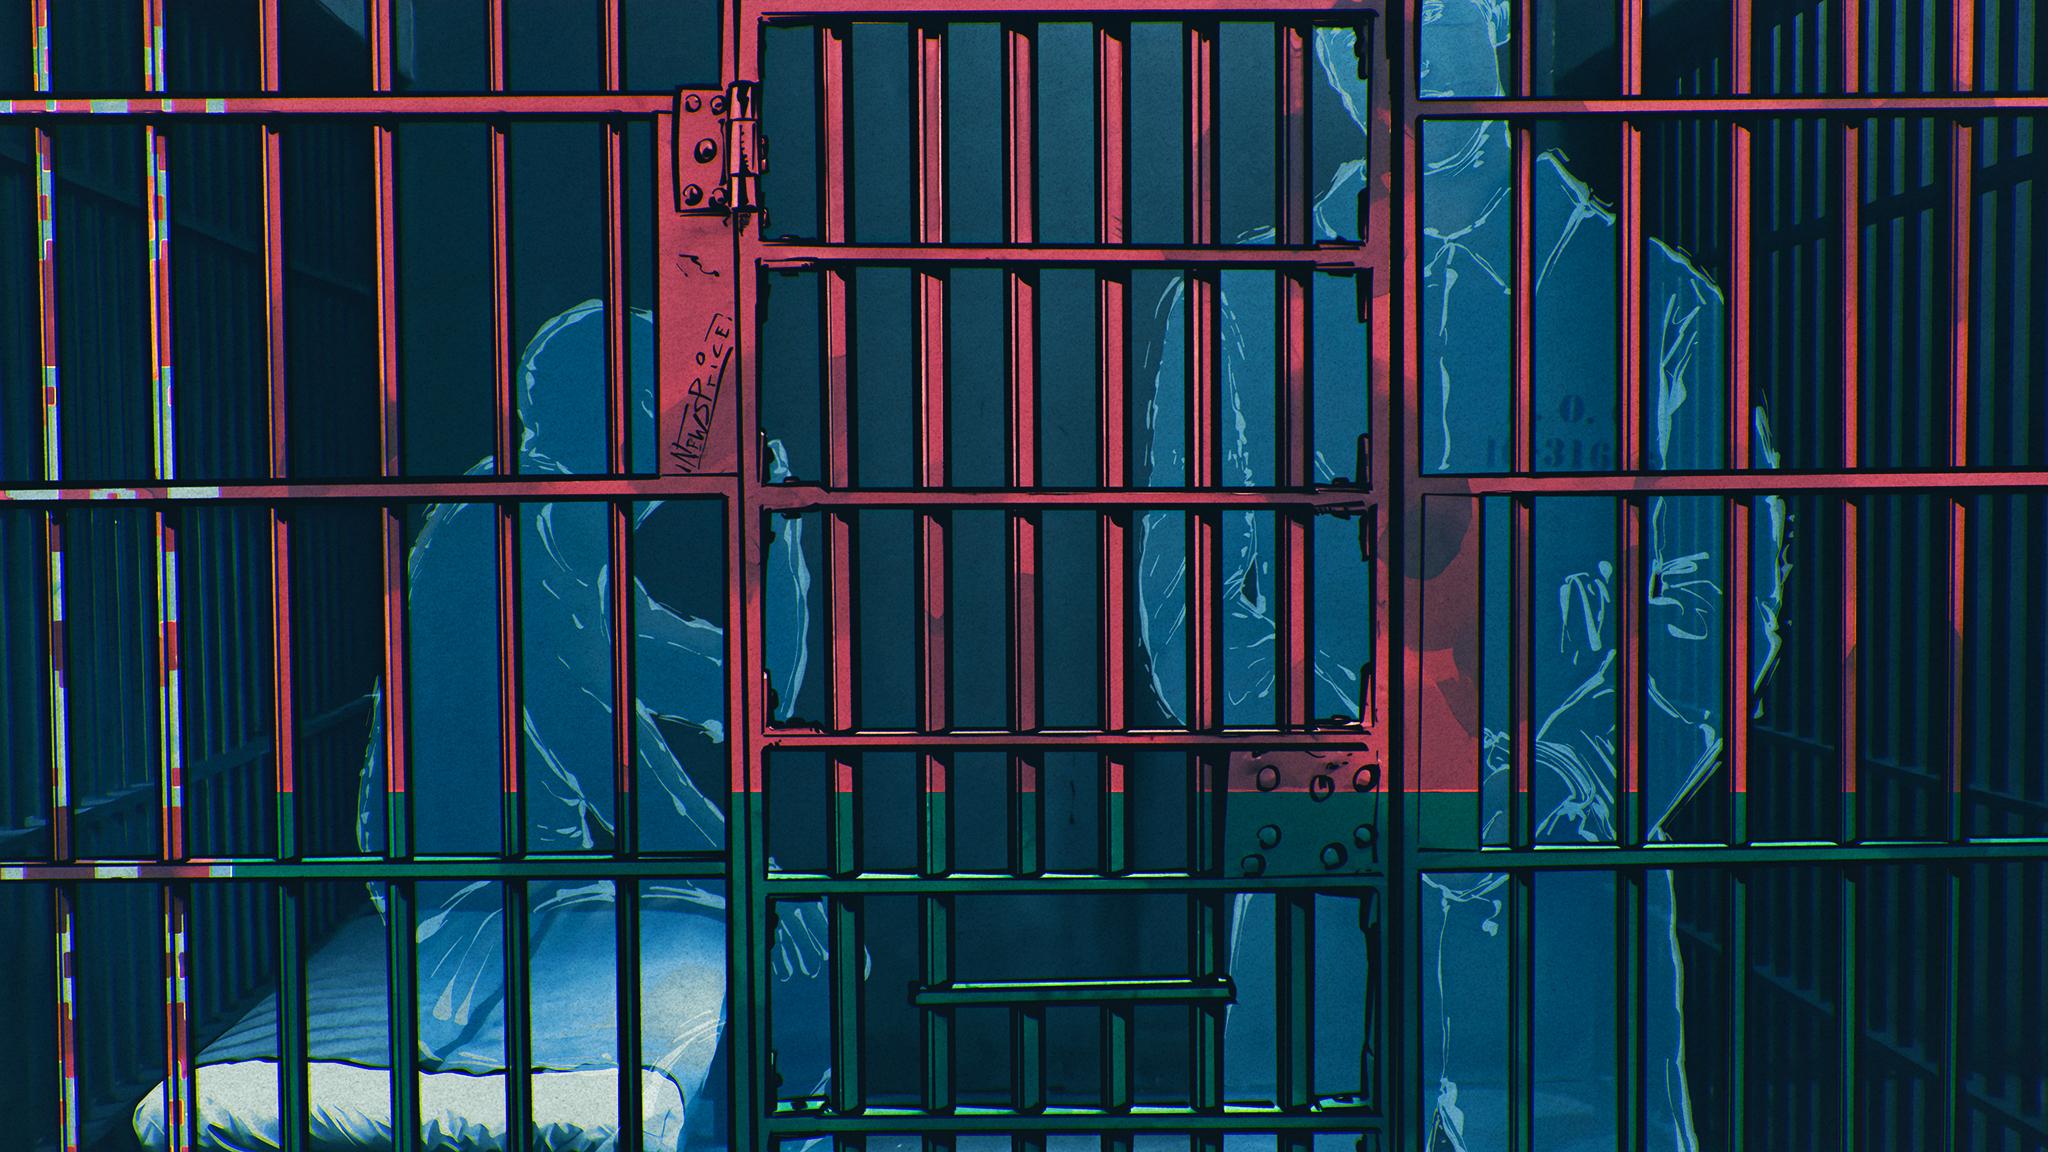 Заключенные которых нет: политическое преследование в Беларуси